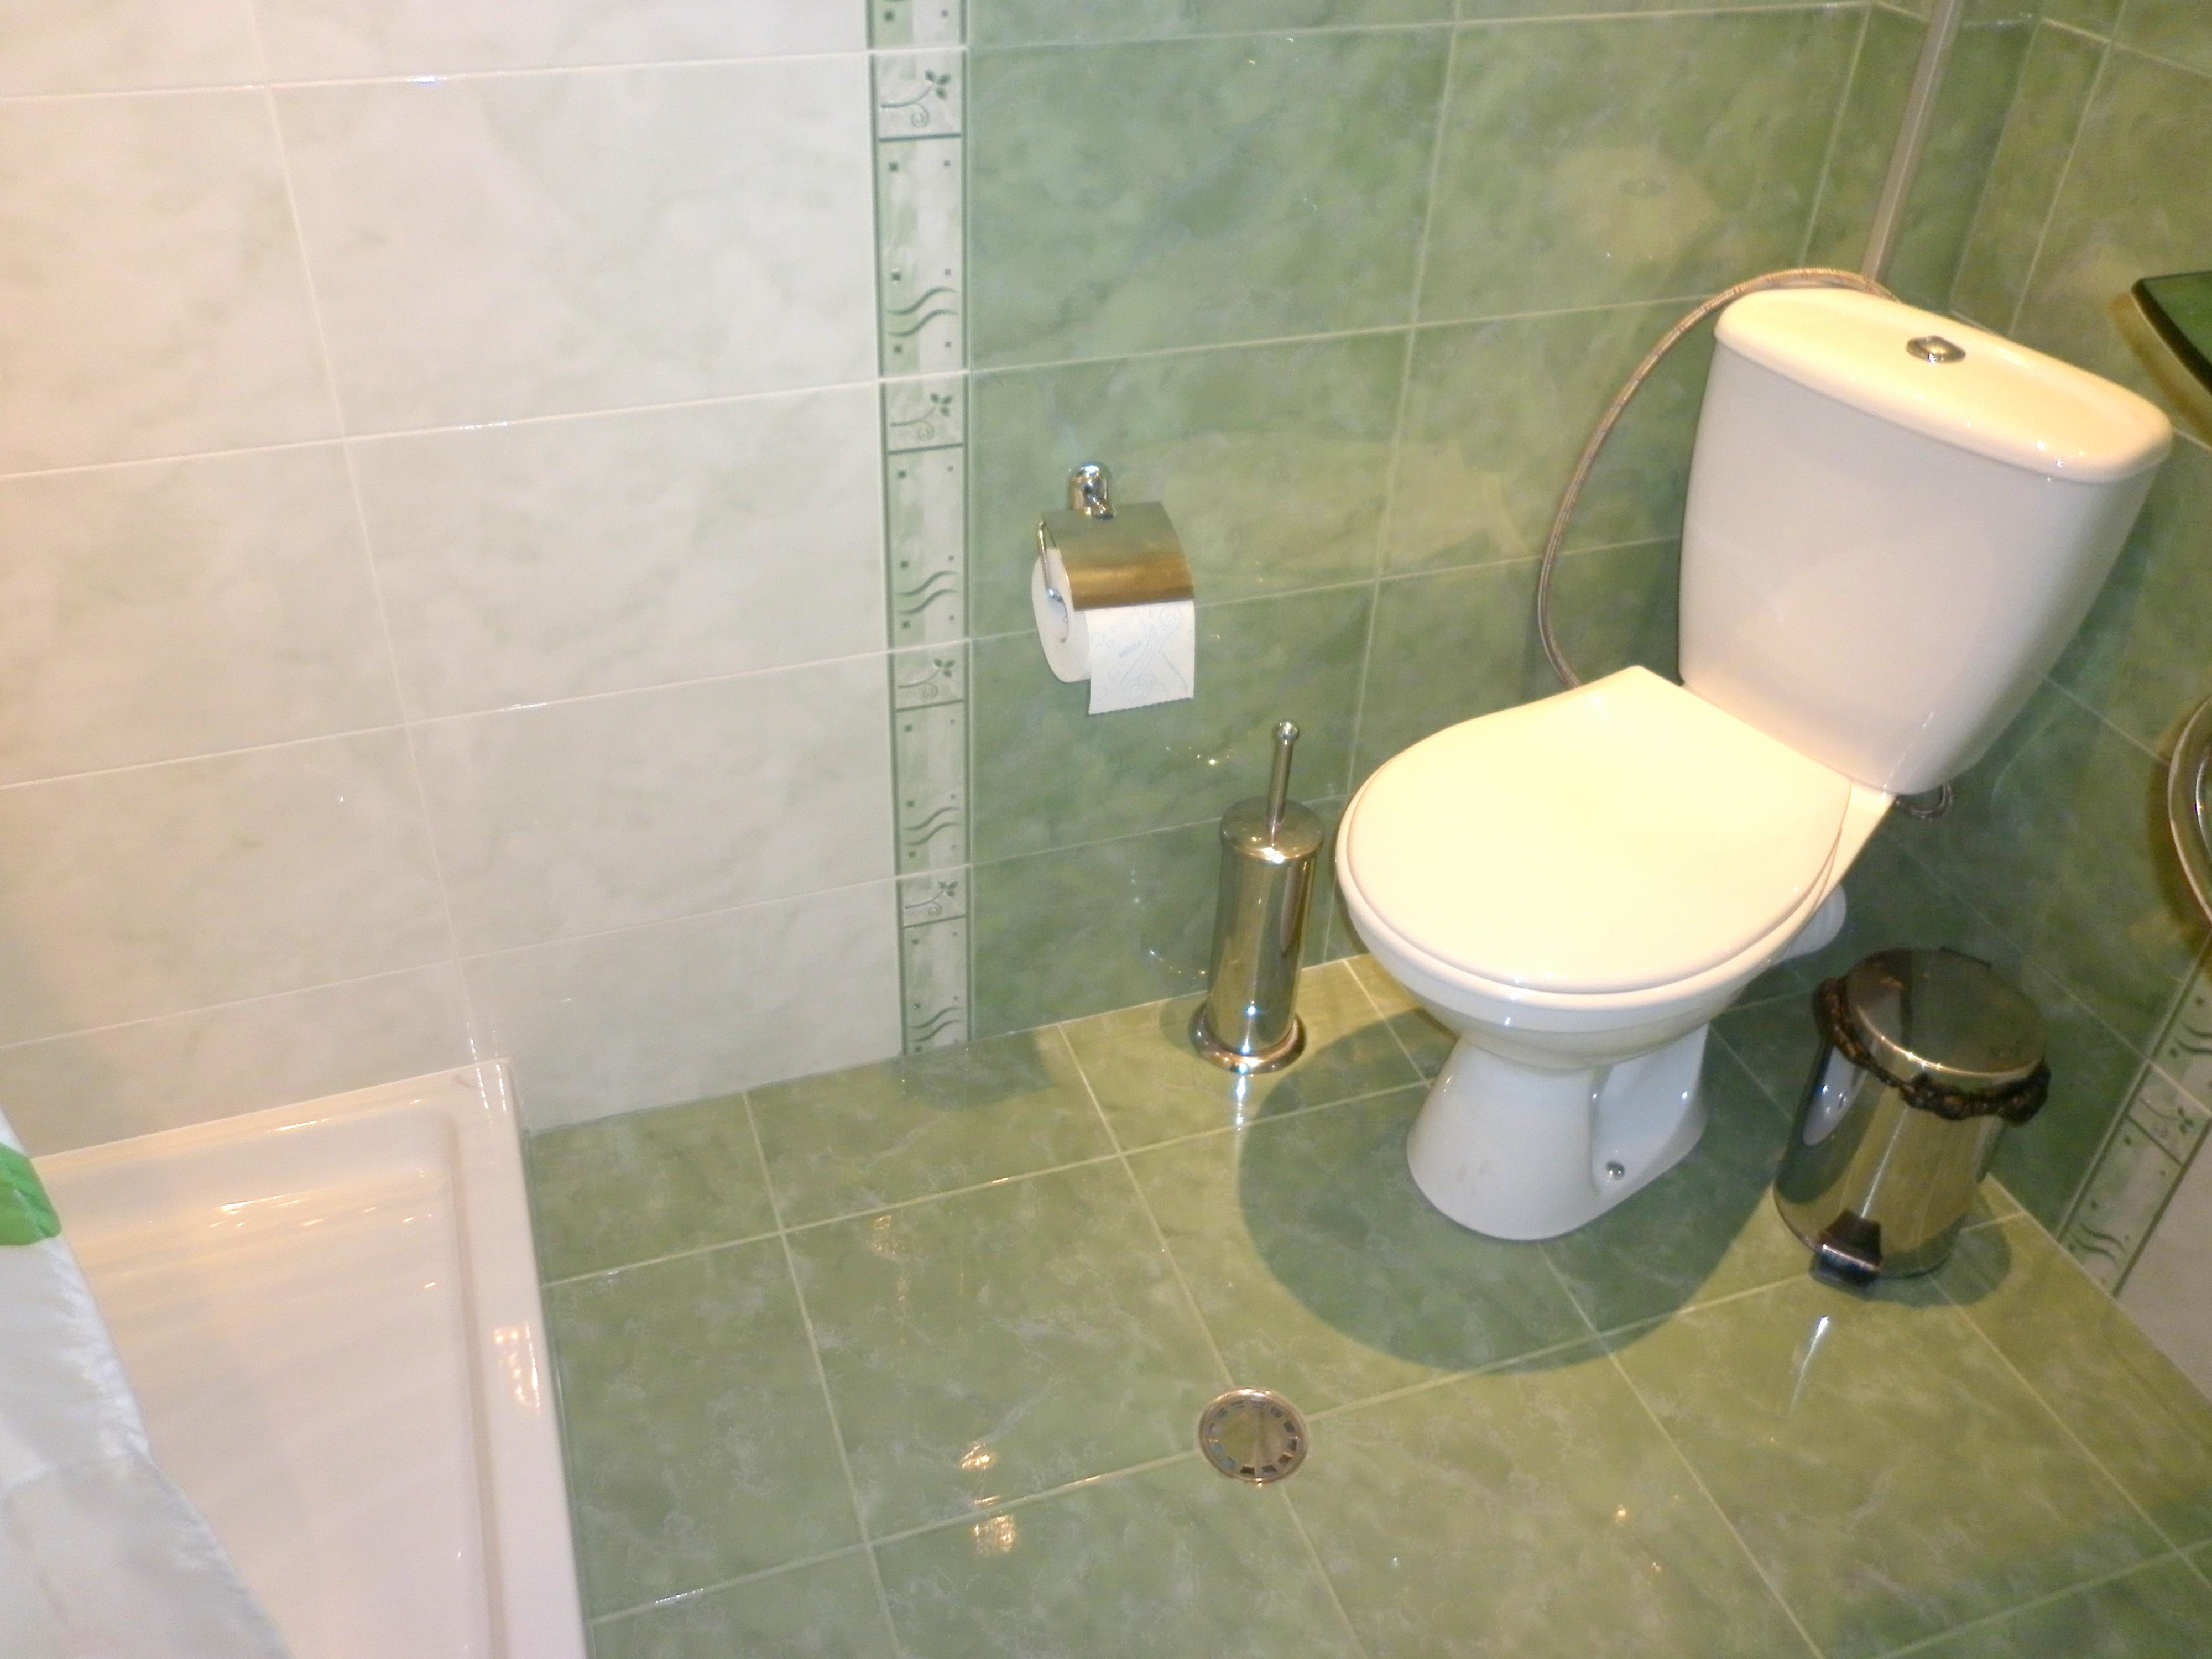 Къща за гости Златоград баня 1.3